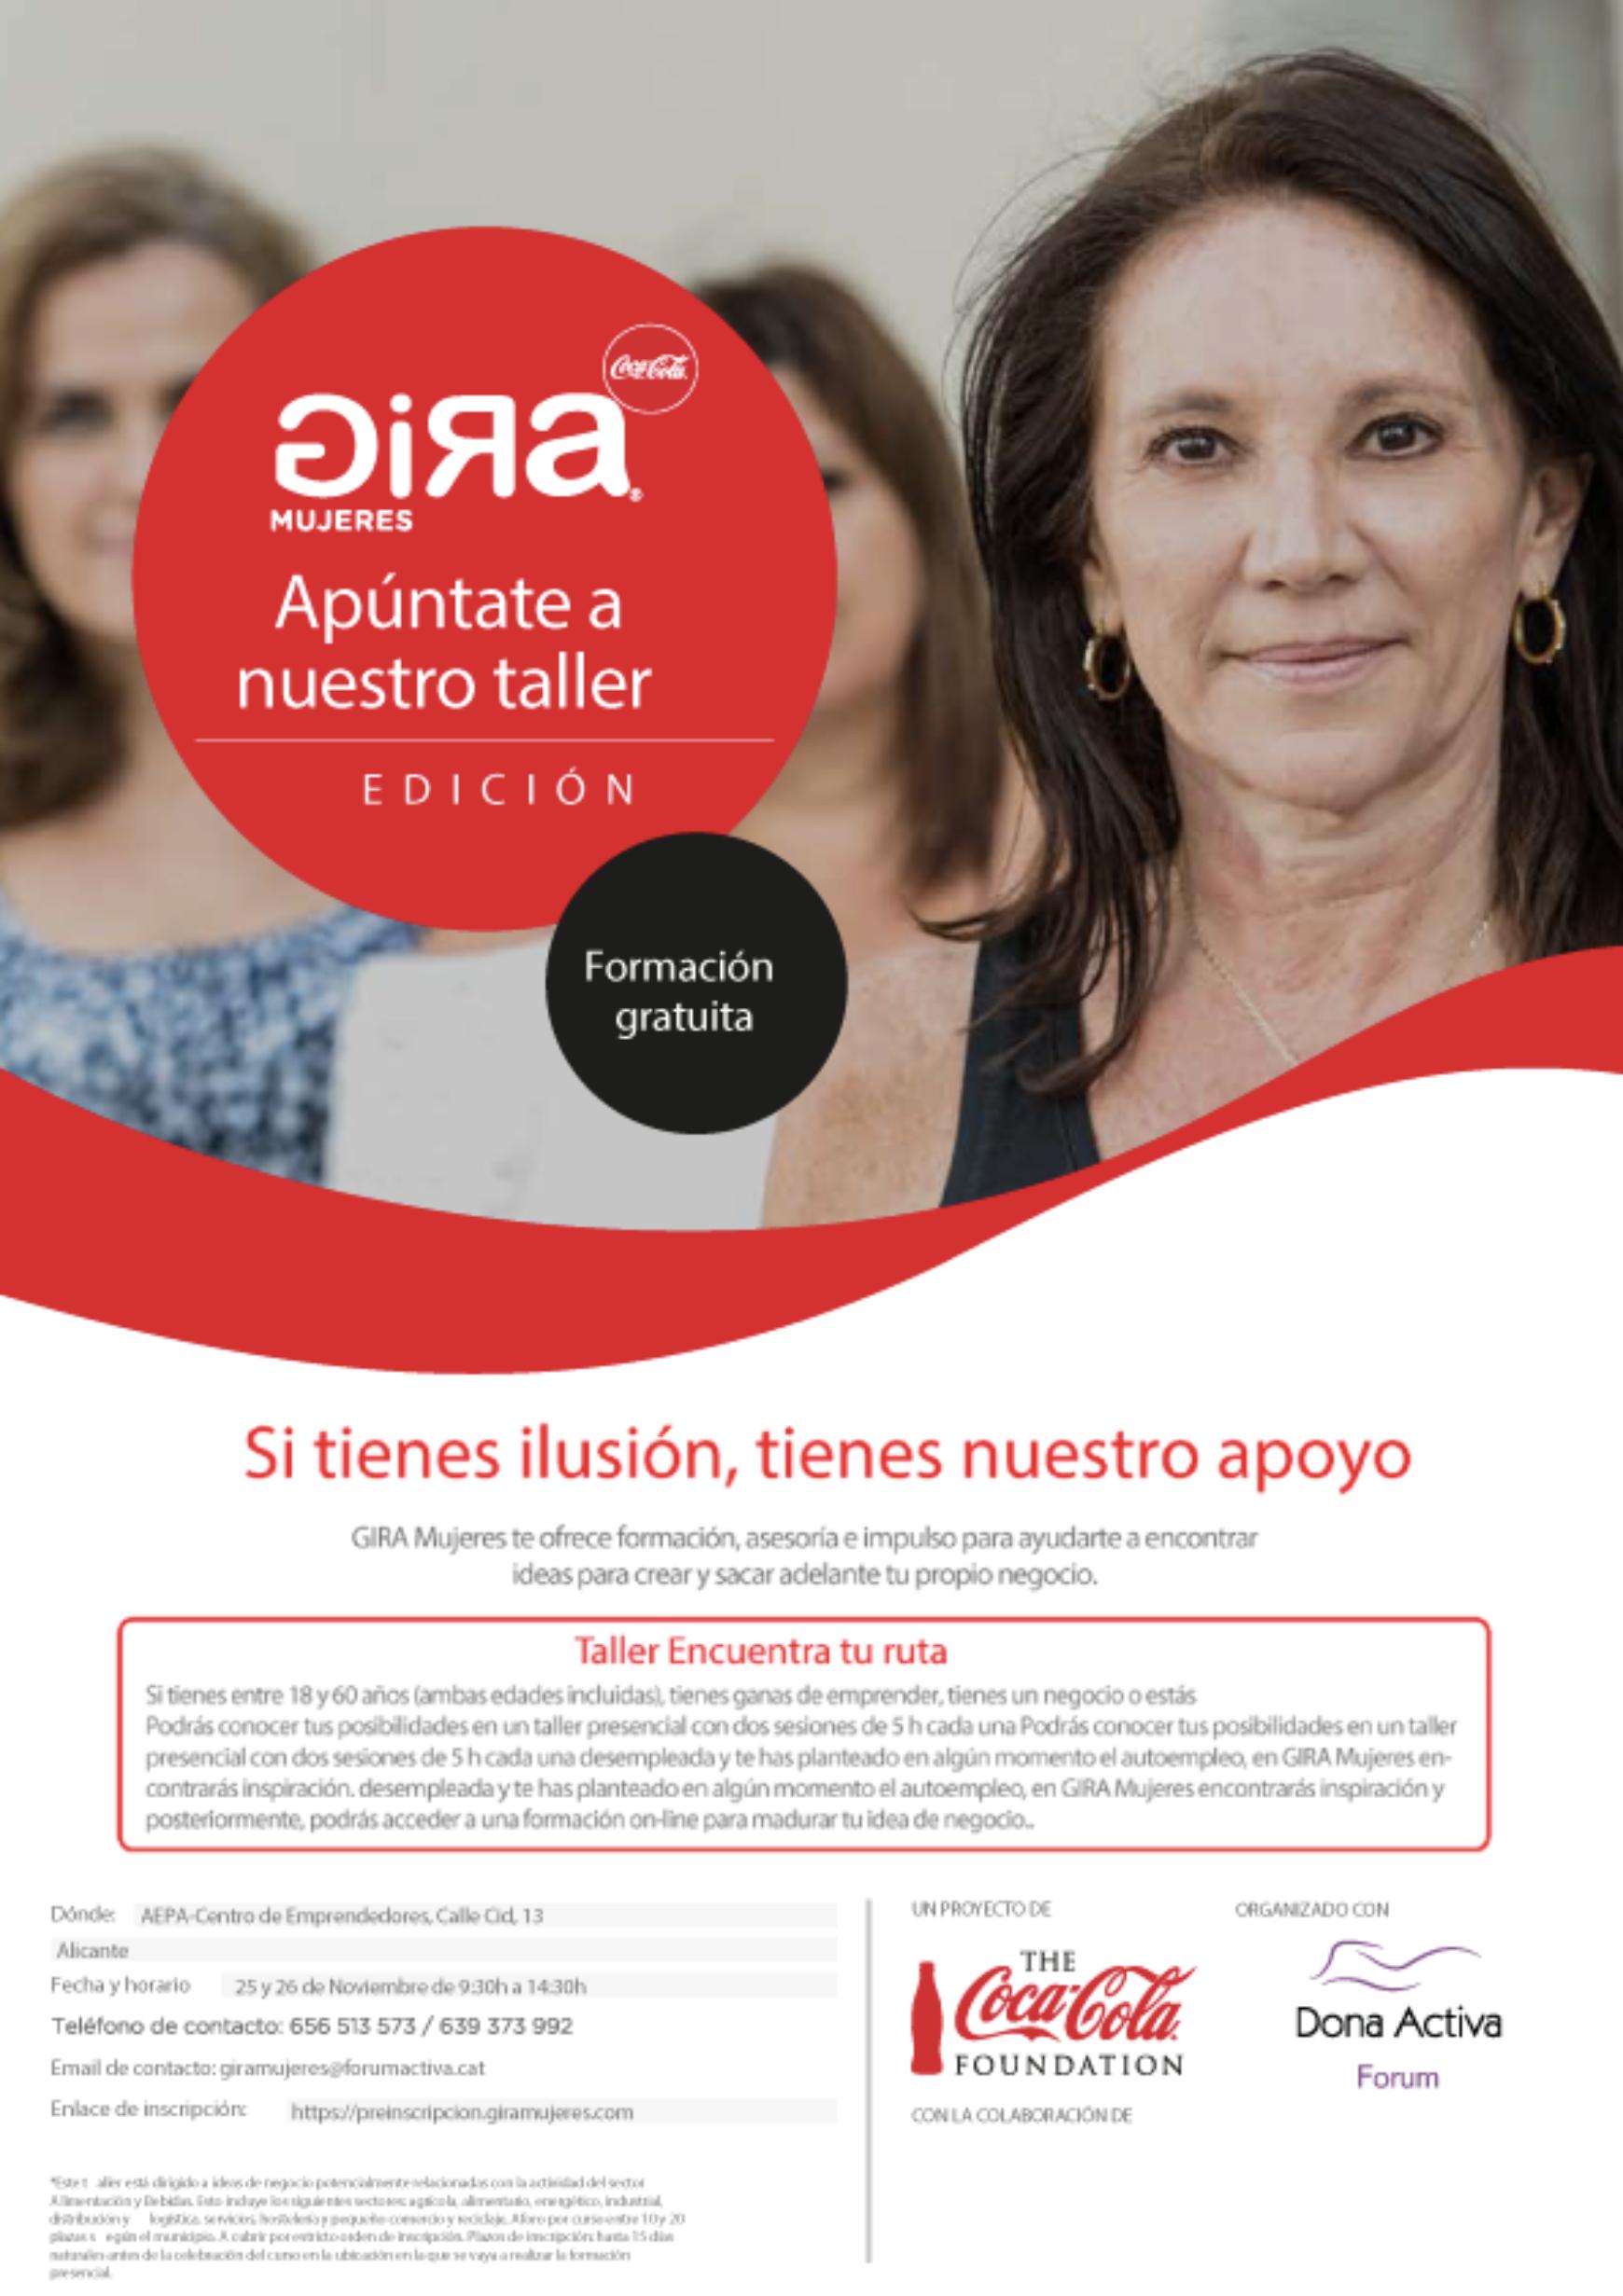 Taller de emprendimiento para mujeres en Alicante